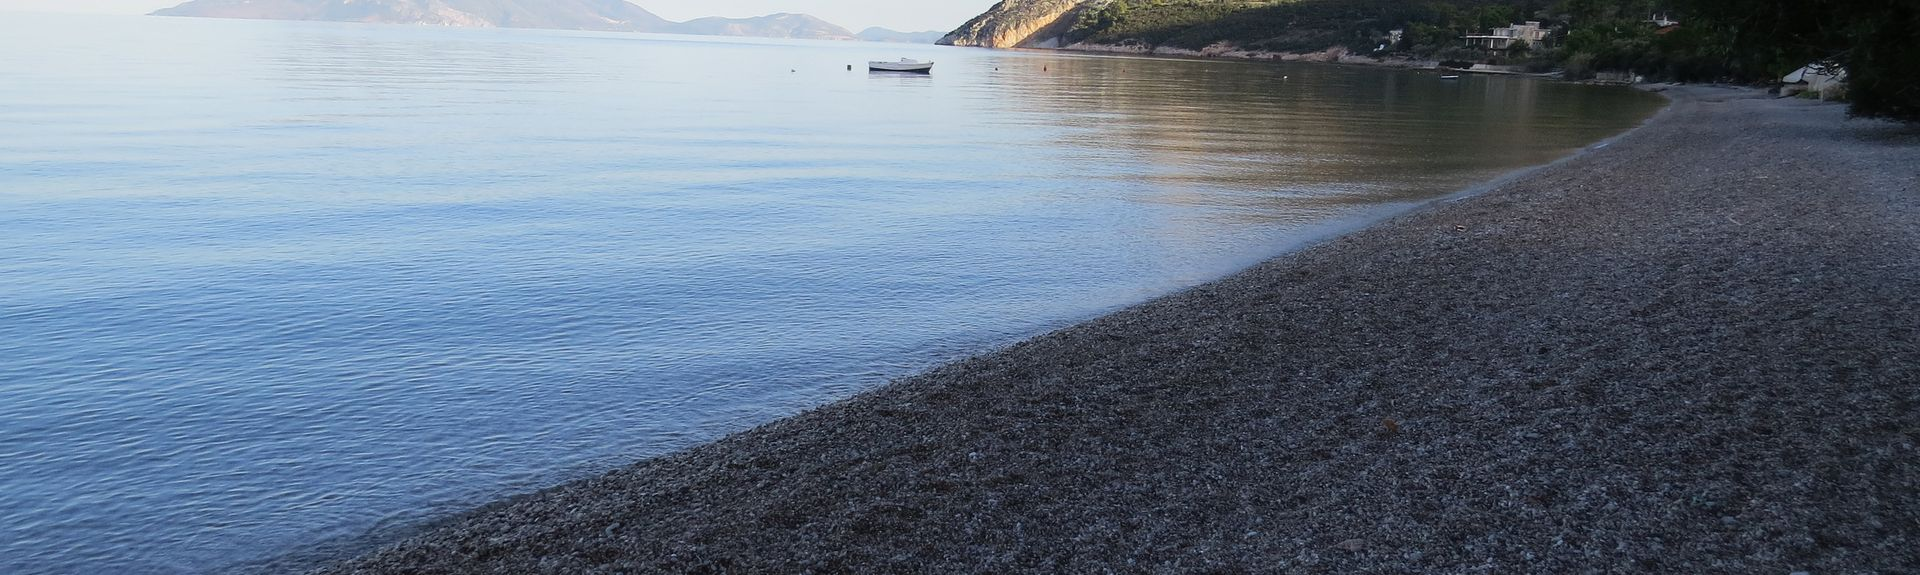 Tolón ranta, Tolo, Peloponnesos, Kreikka